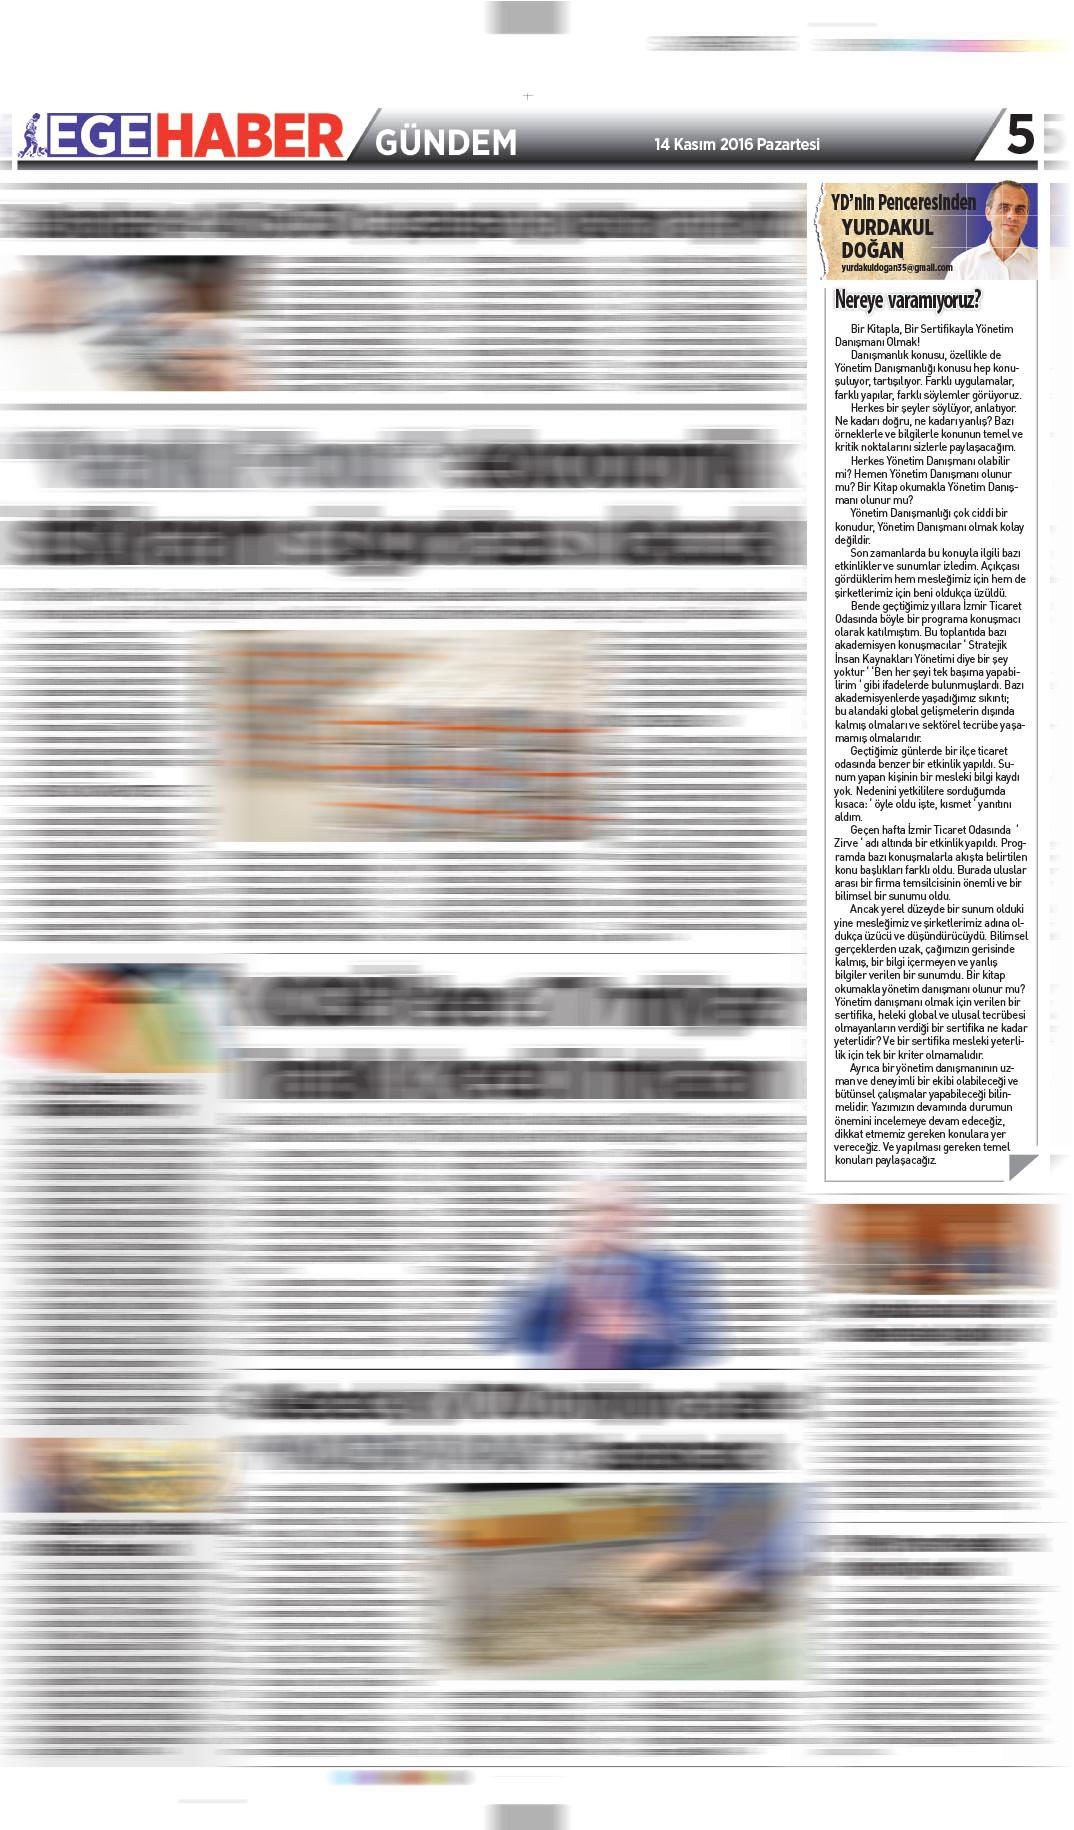 Ege Haber - Köşe Yazısı - 14.11.2016